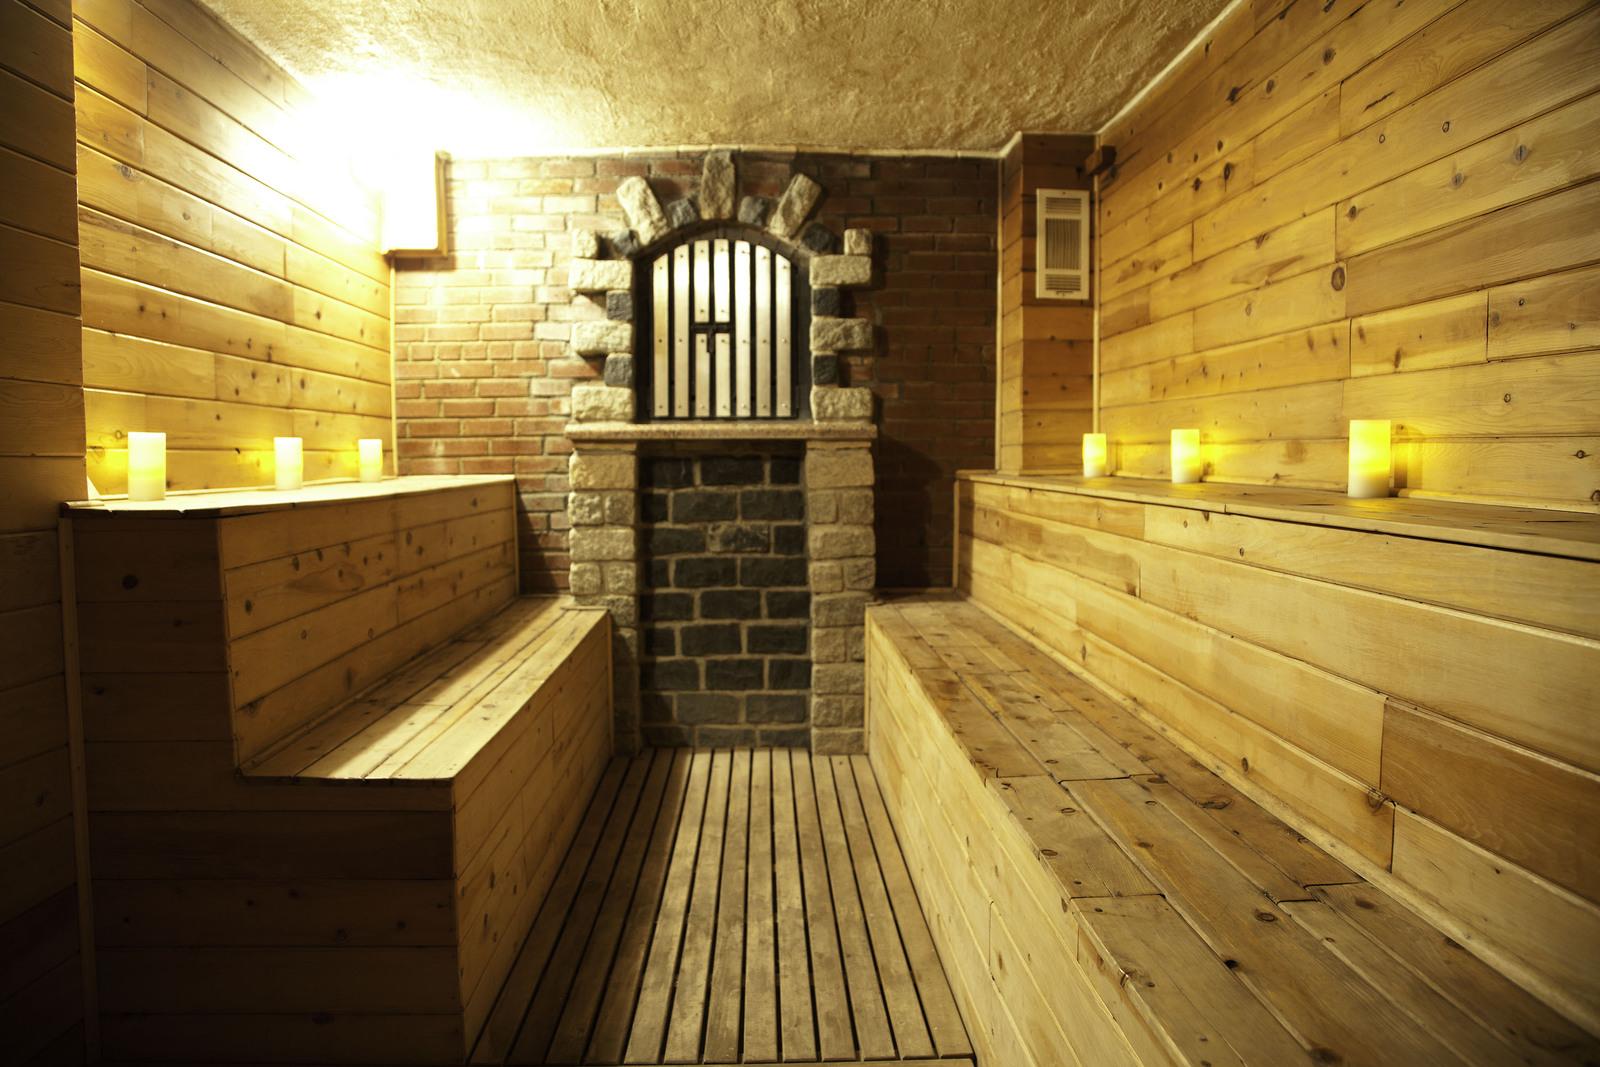 Phòng xông hơi trong banya ở Nga khá đặc biệt